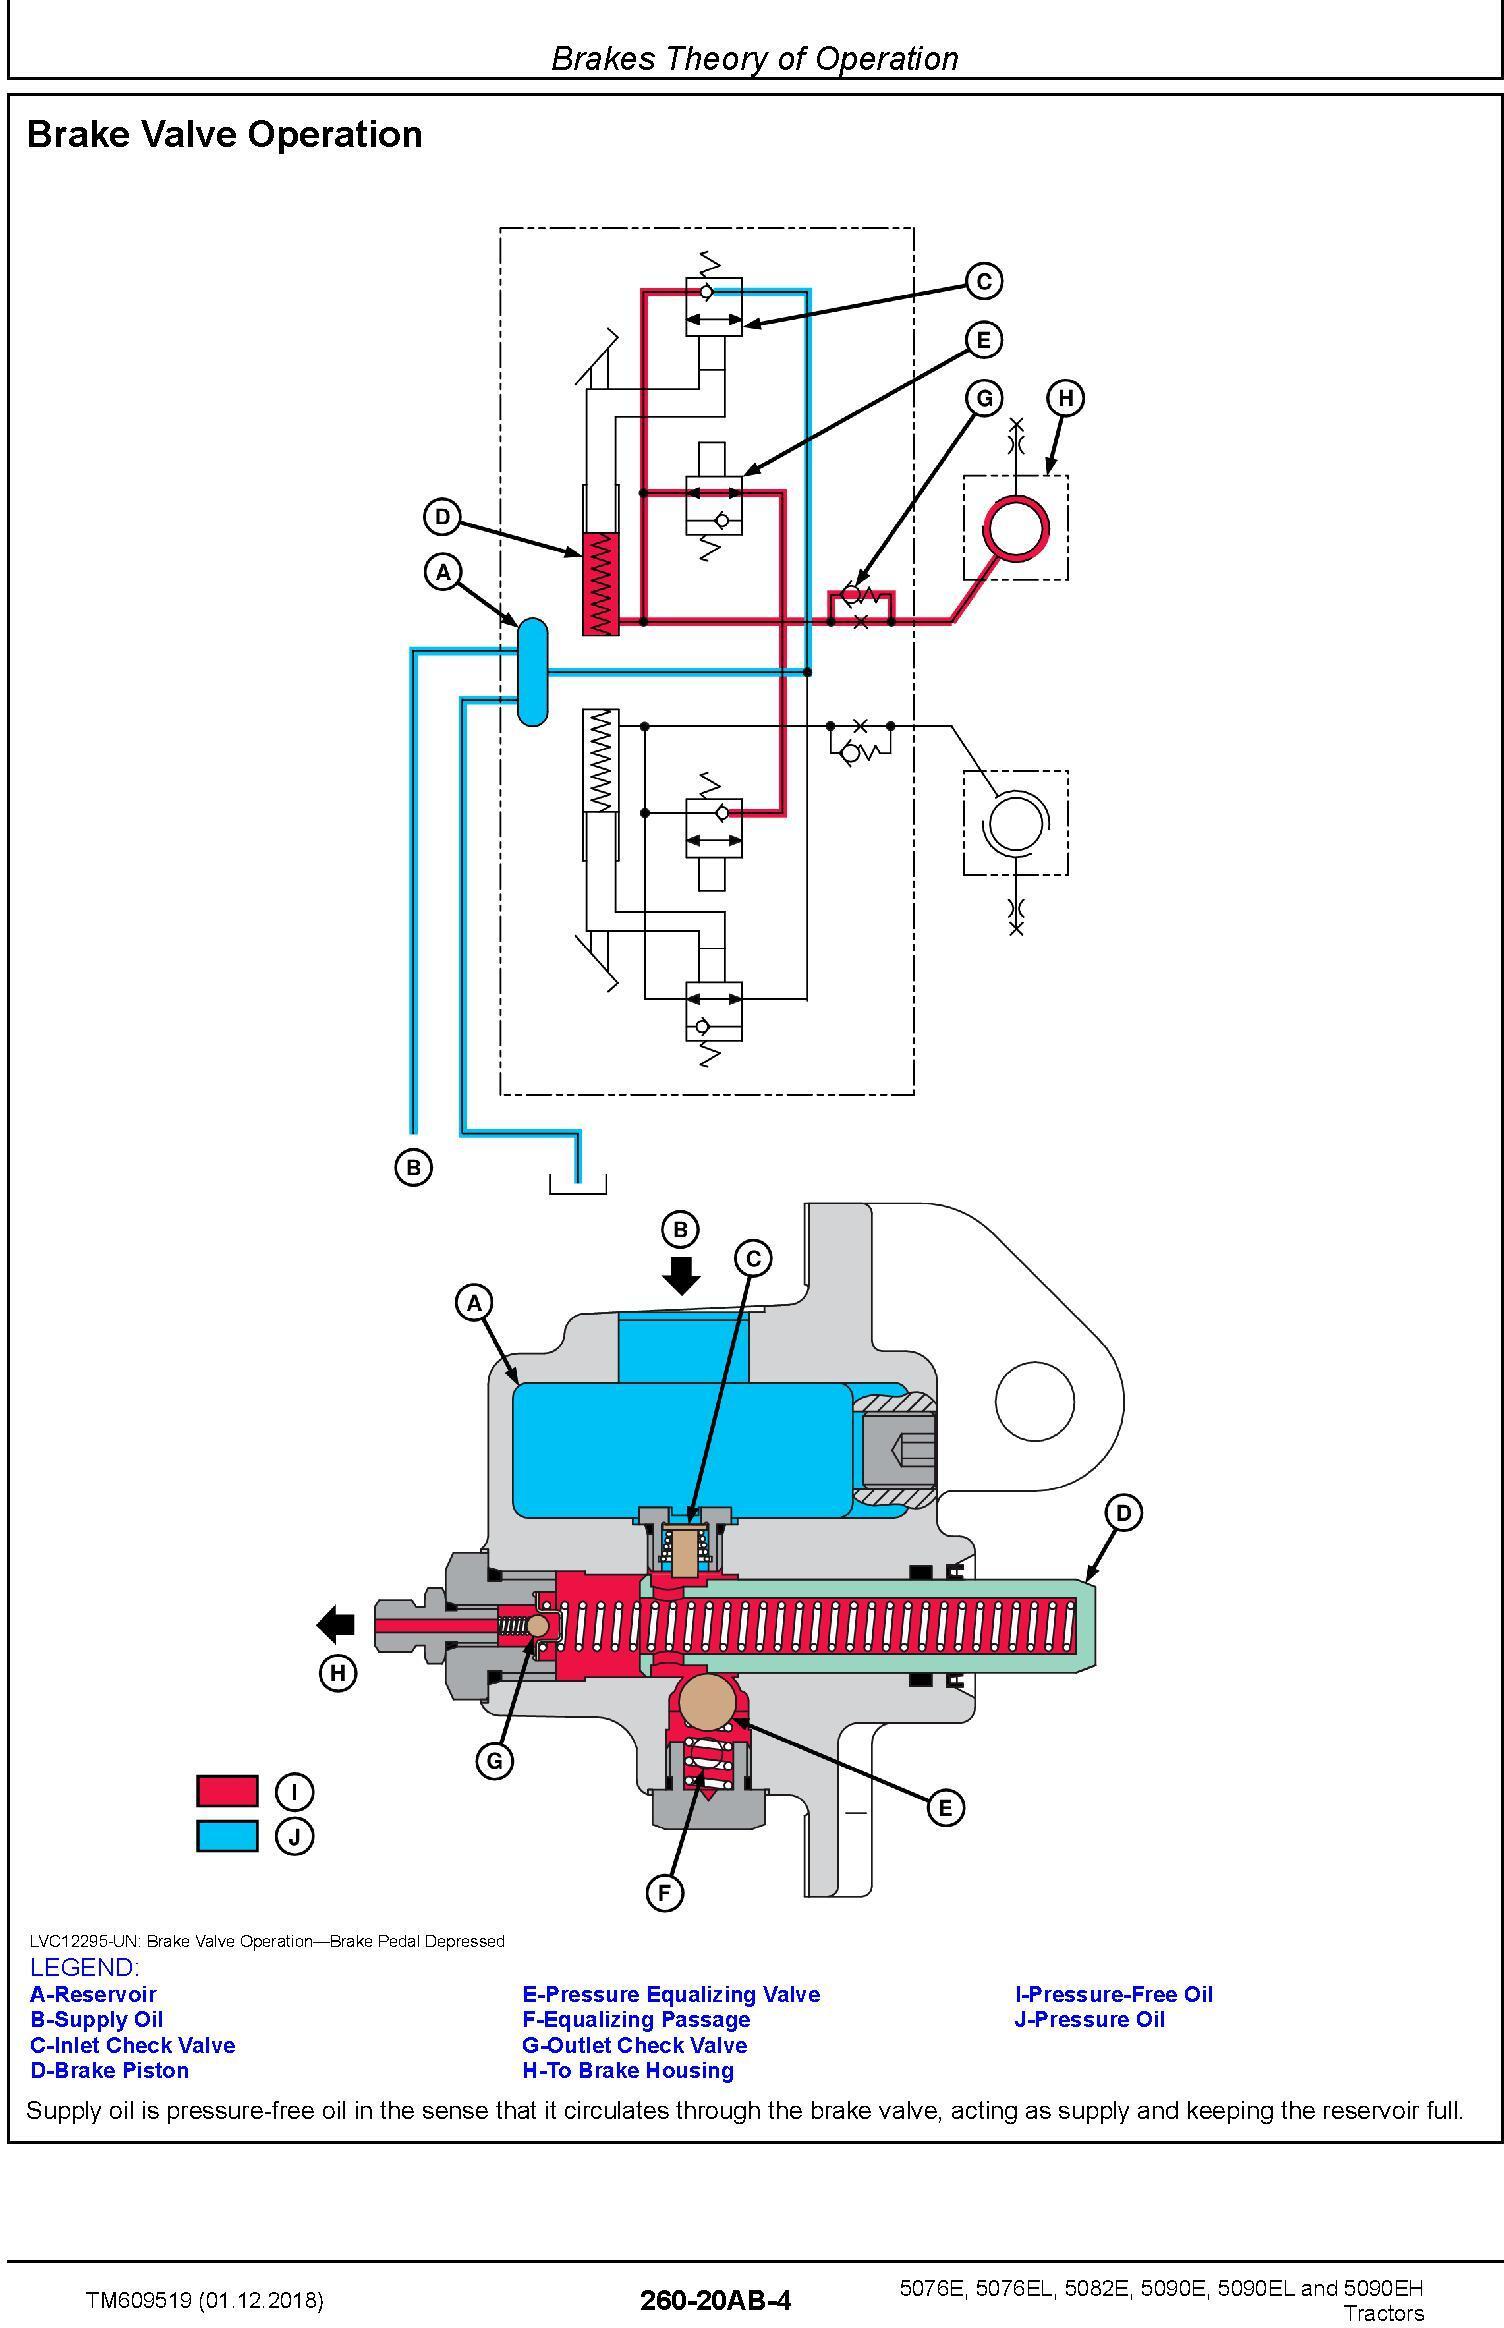 John Deere 5076E,5076EL, 5082E, 5090E, 5090EL,5090EH Tractors Diagnostic Technical Manual (TM609519) - 3